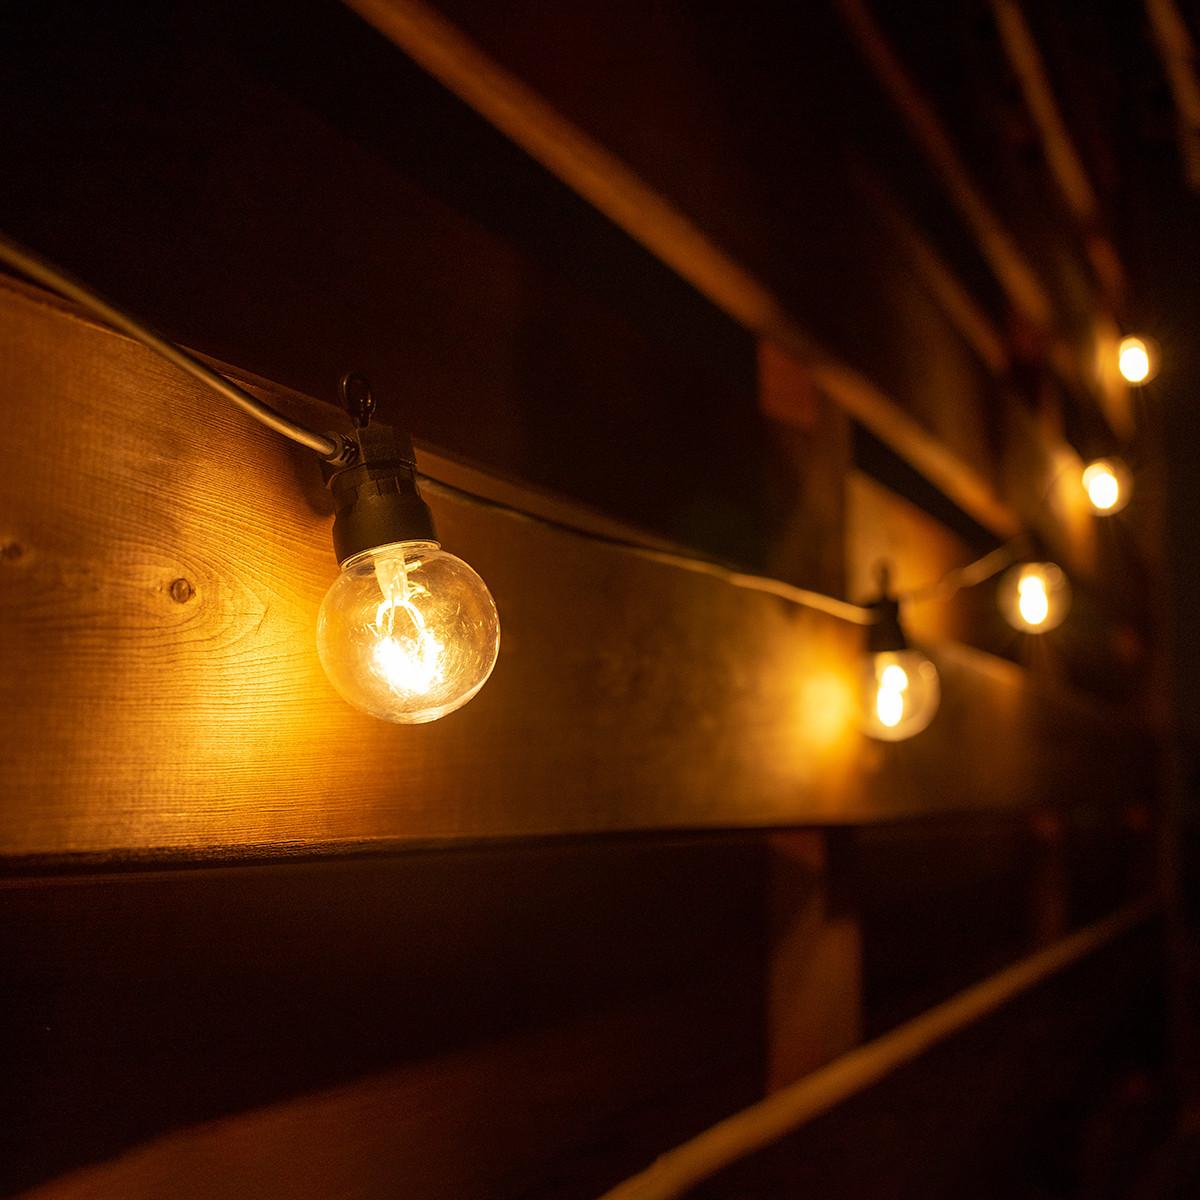 Електрогірлянда-ретро LED вулична Yes! Fun, 10 ламп, d-50 мм, тепло-біла, 8 м